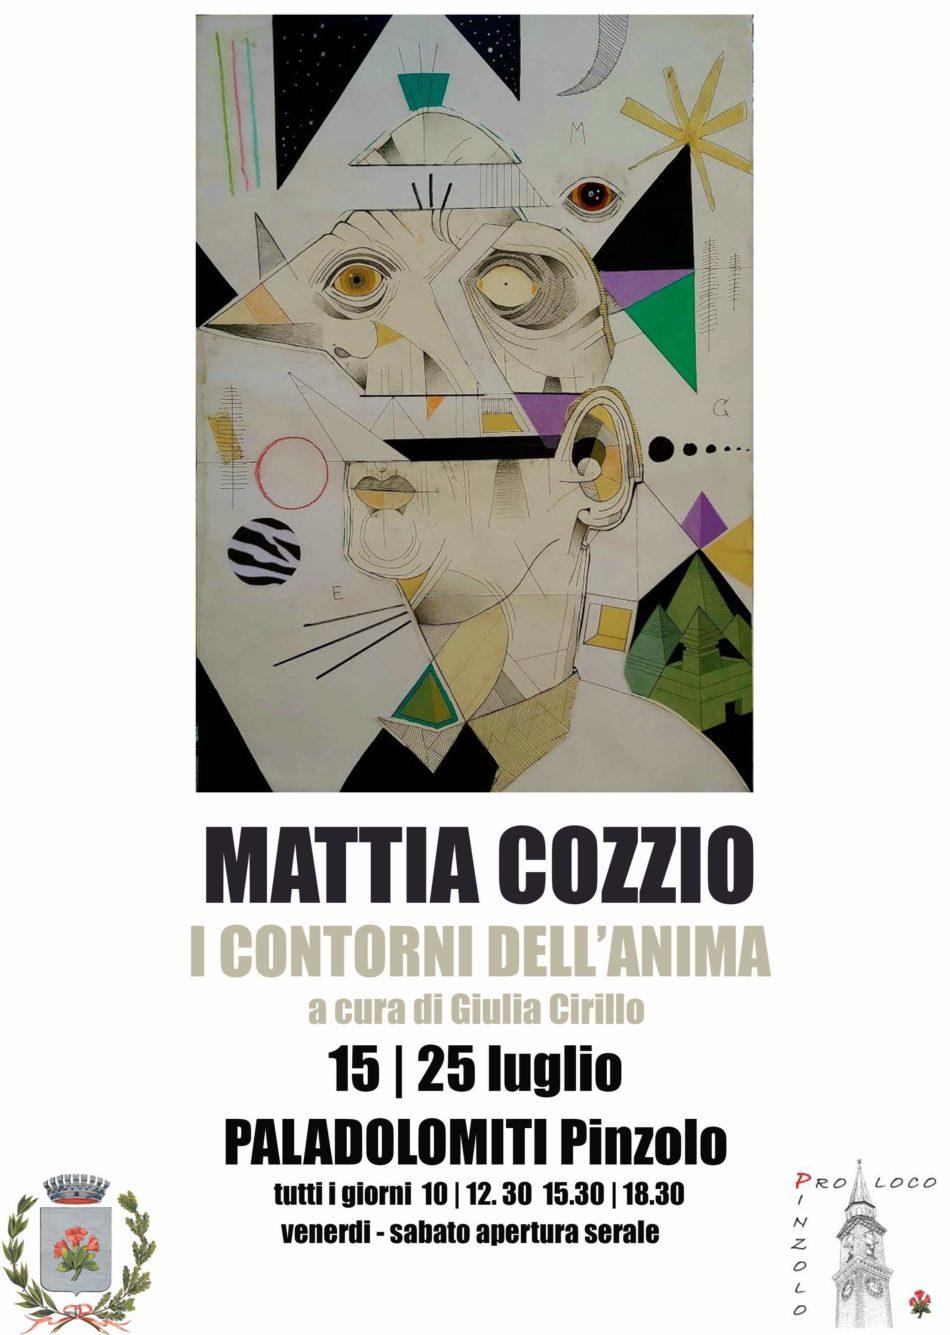 Mostra di Mattia Cozzio – I contorni dell'anima – dal 15 al 25 luglio al Paladolomiti